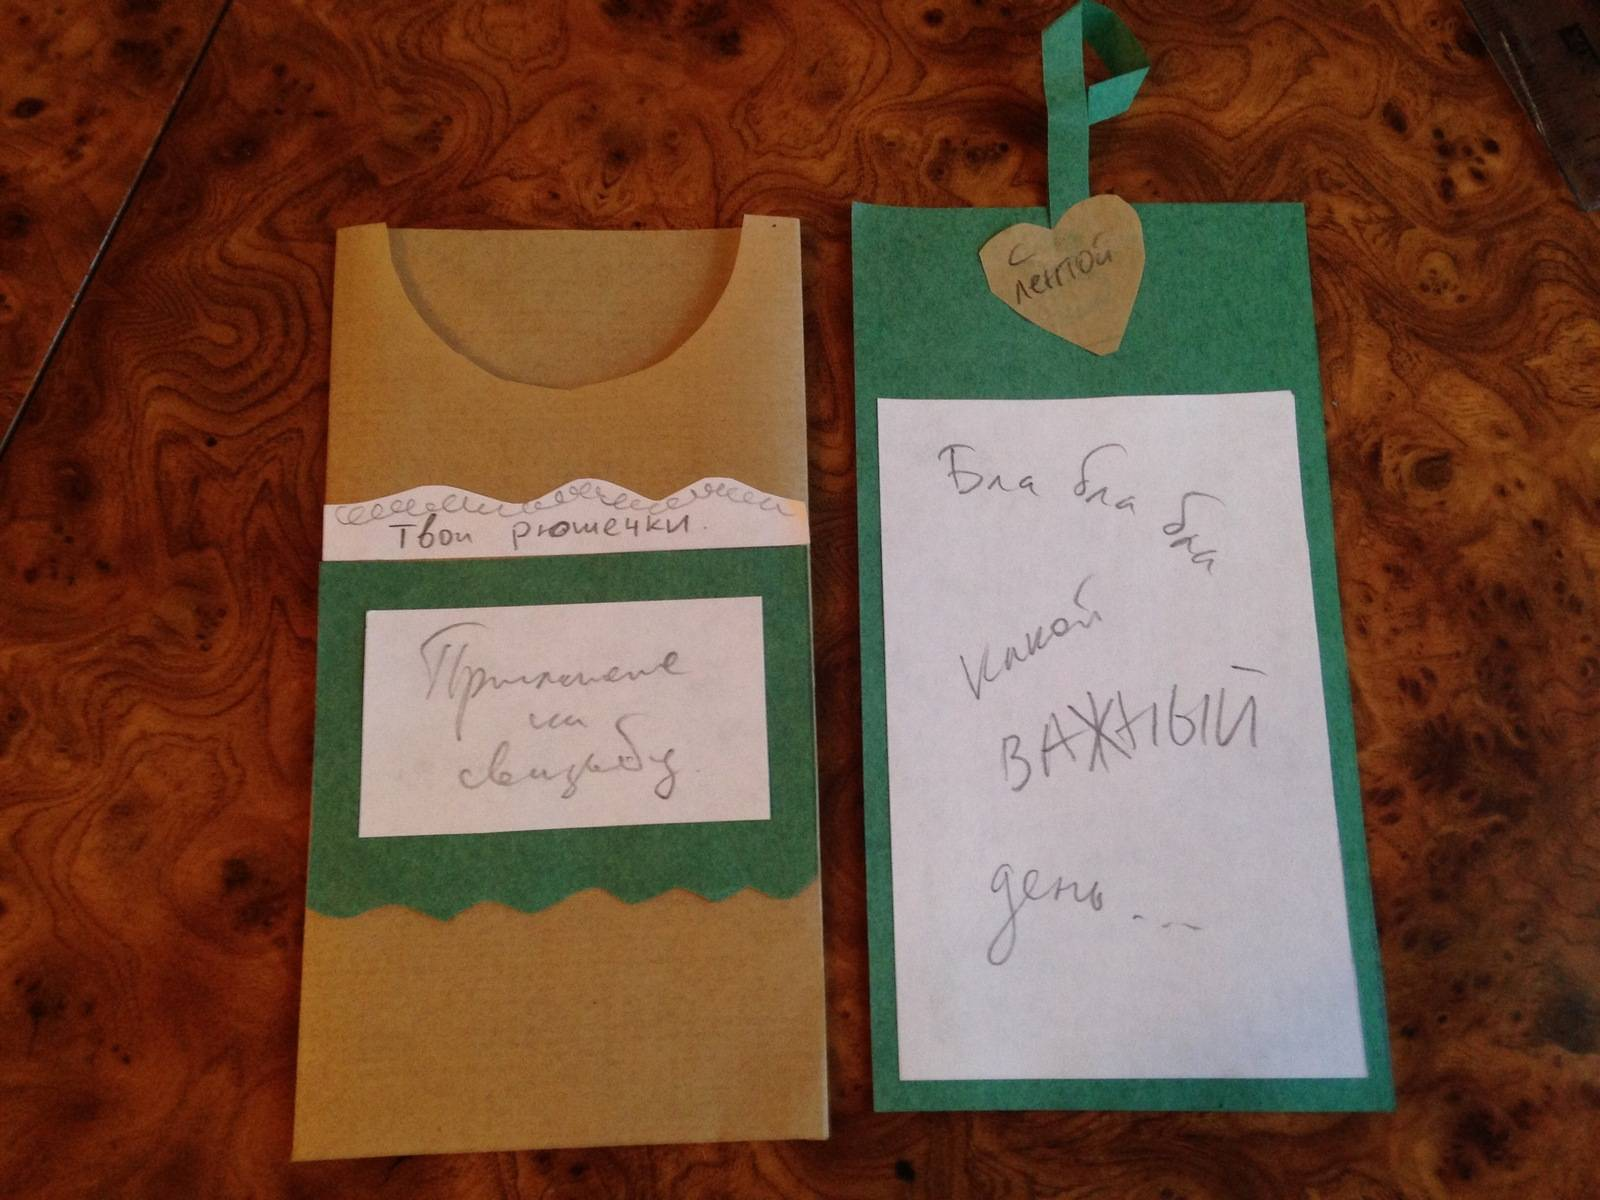 Электронные пригласительные на свадьбу – альтернатива надоевшим открыткам (идеи и виды)